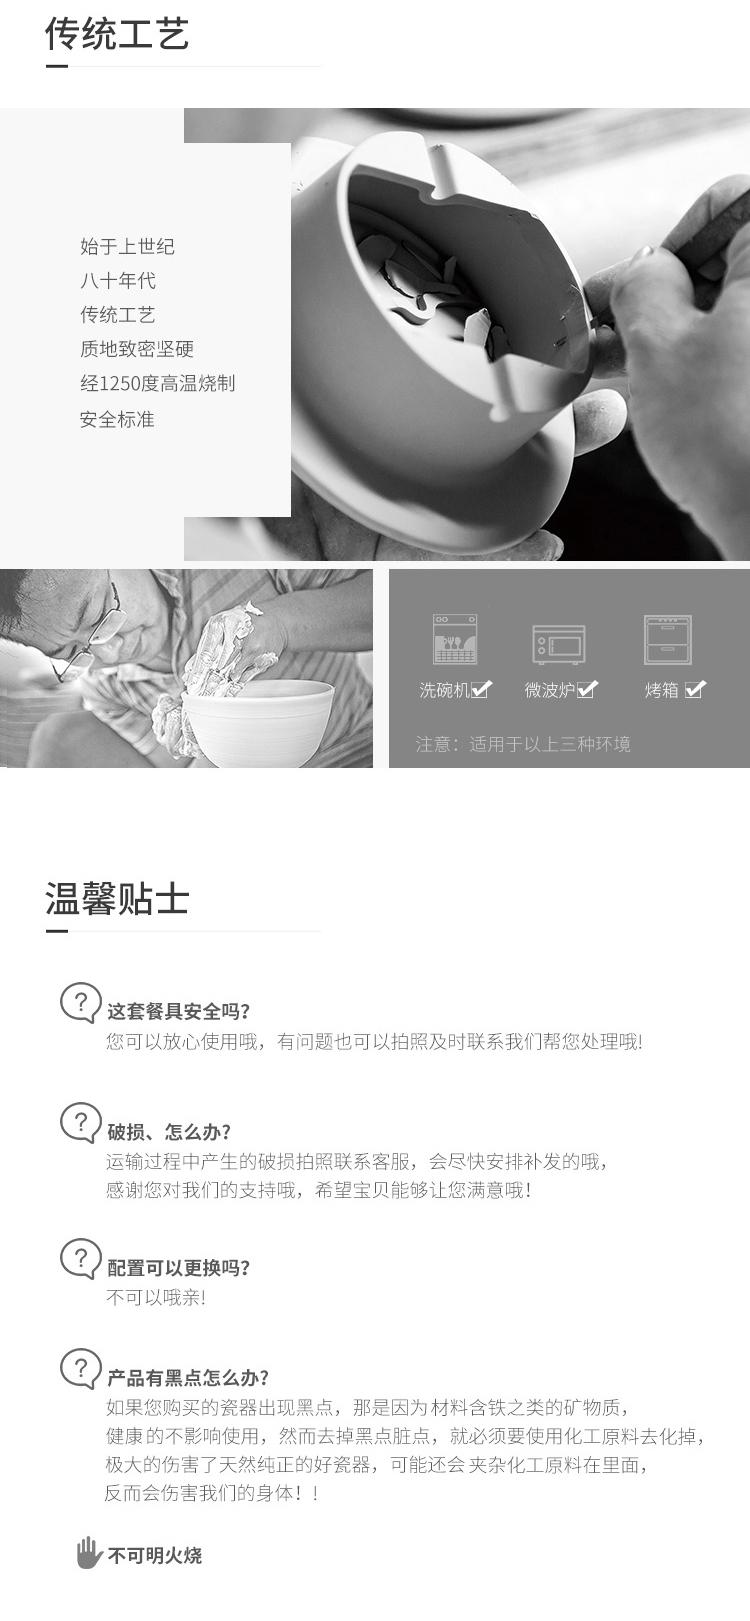 佳佰 7.5英寸韩式日式简约大面碗深汤盘沙拉碗烤碗陶瓷餐具 单人食  浅绿